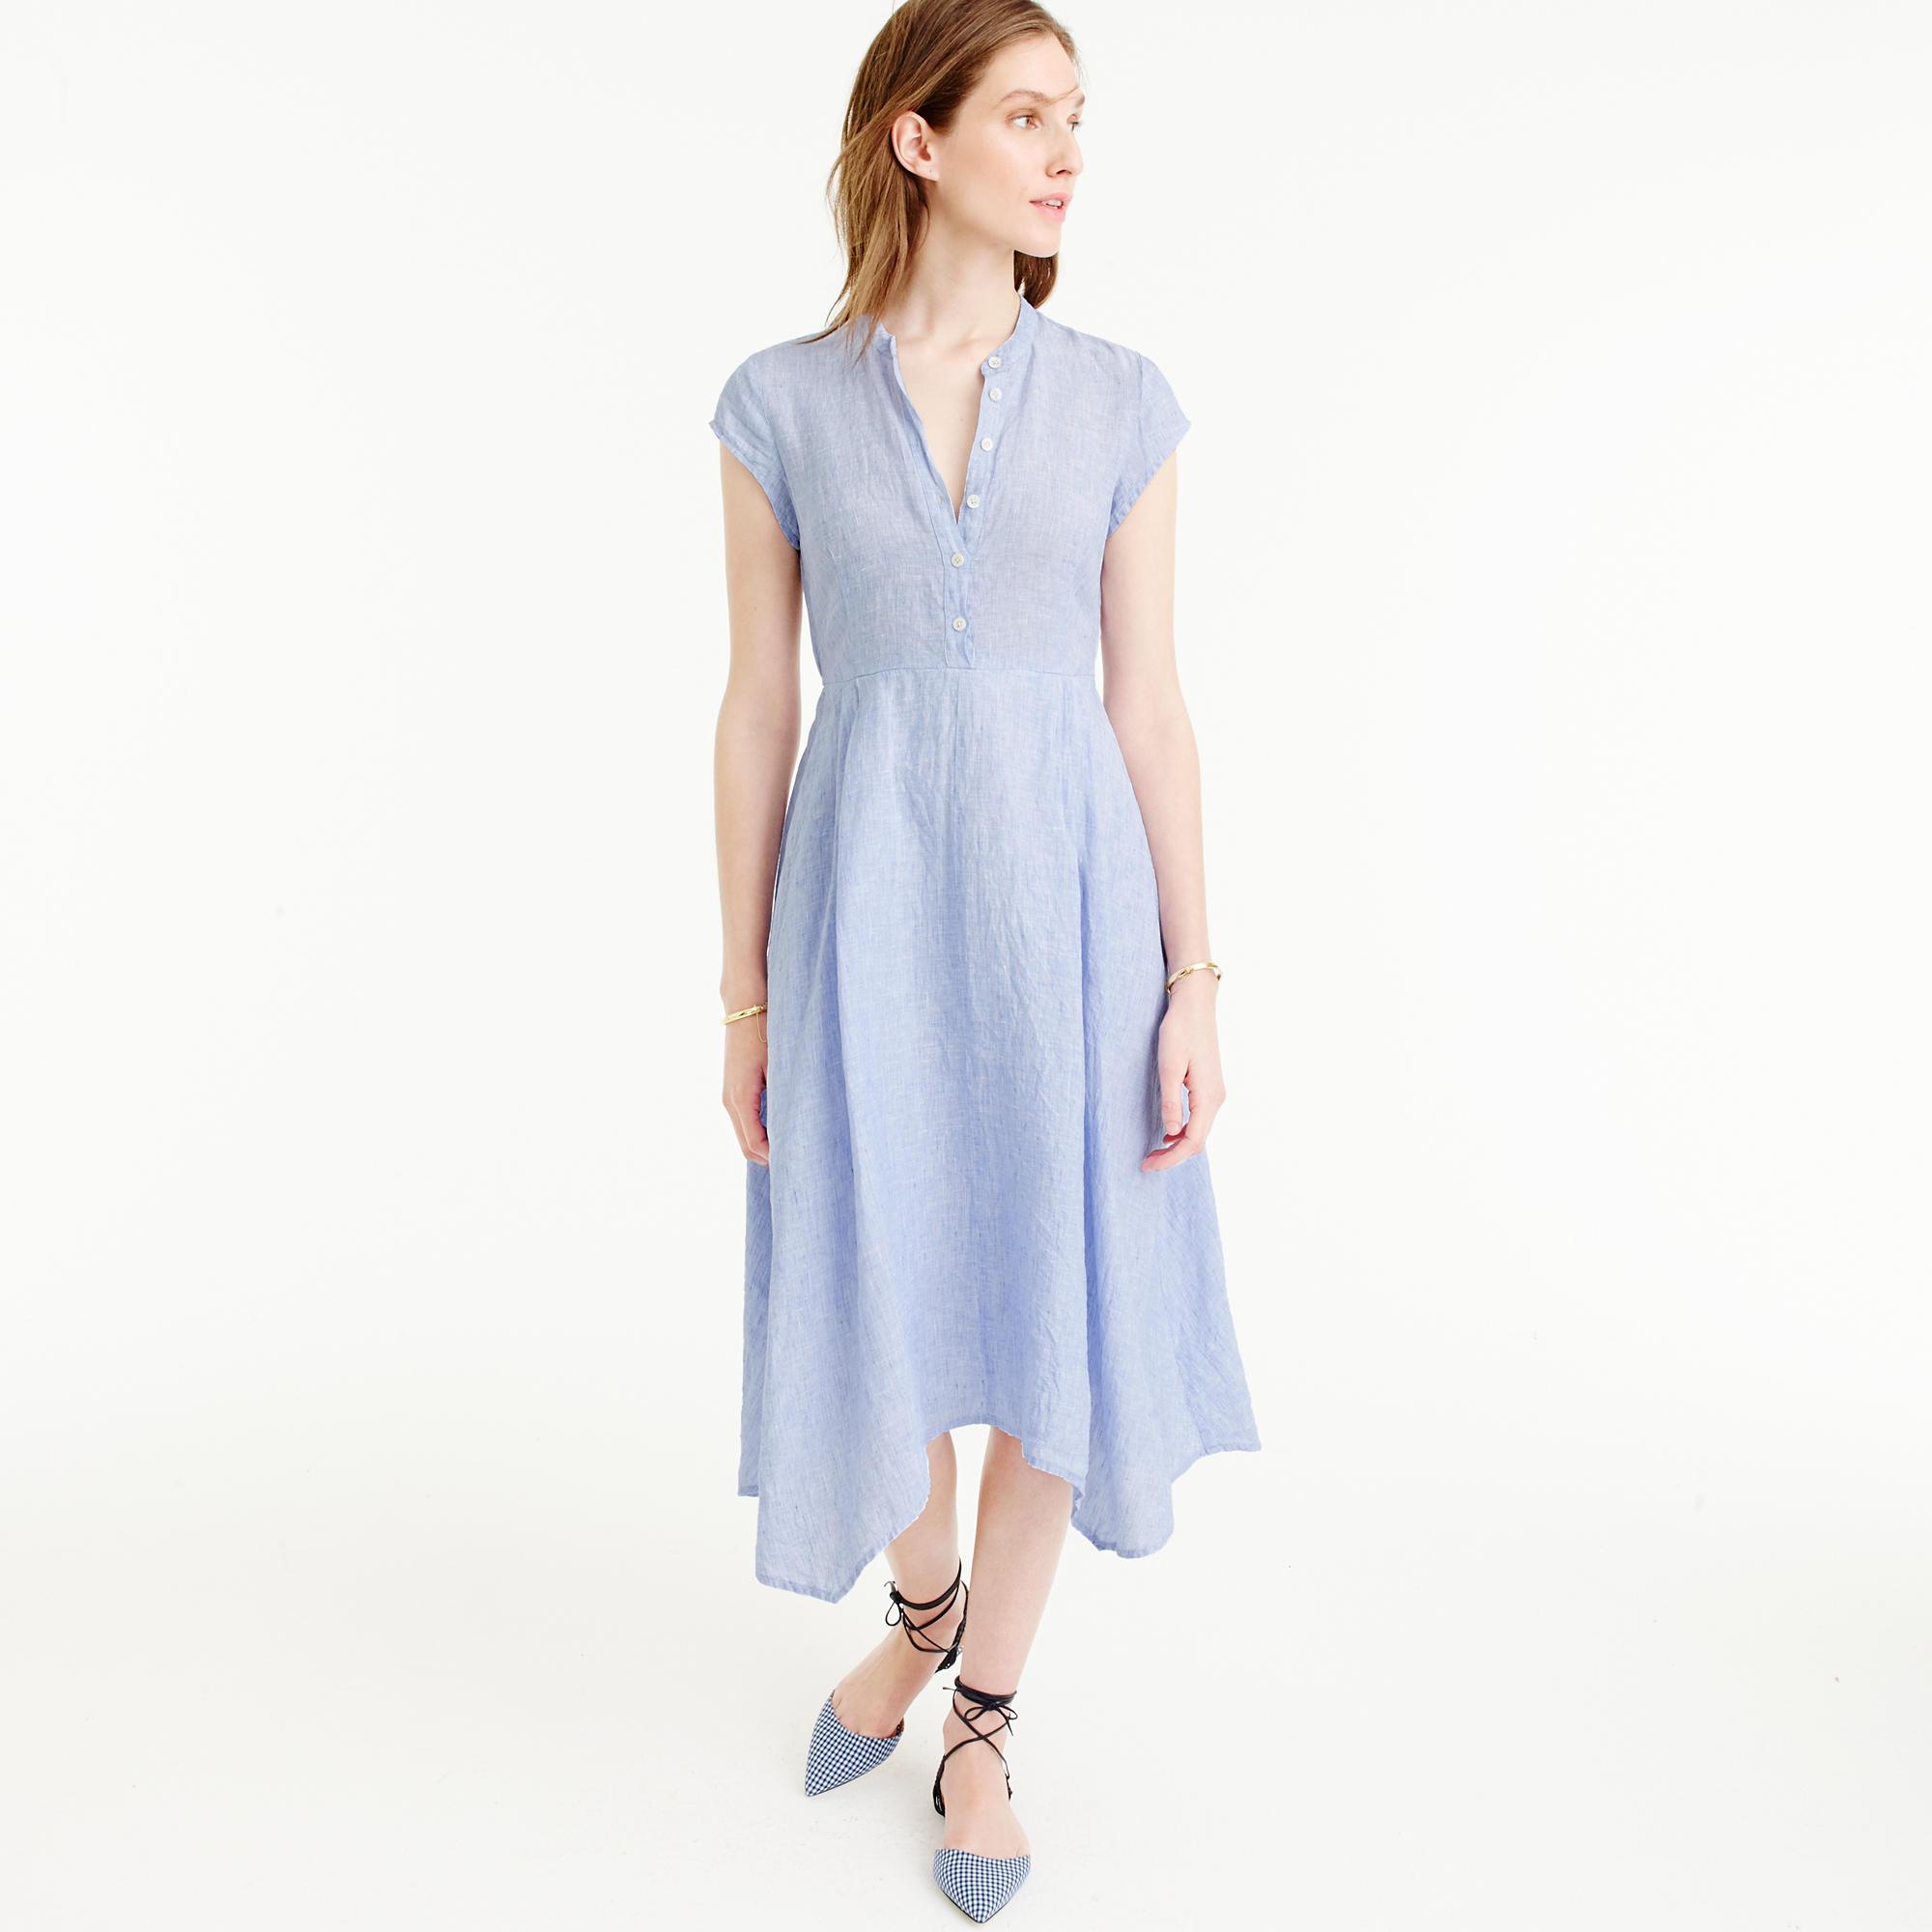 Short-Sleeve Shirtdress In Linen : Women&-39-s Dresses - J.Crew